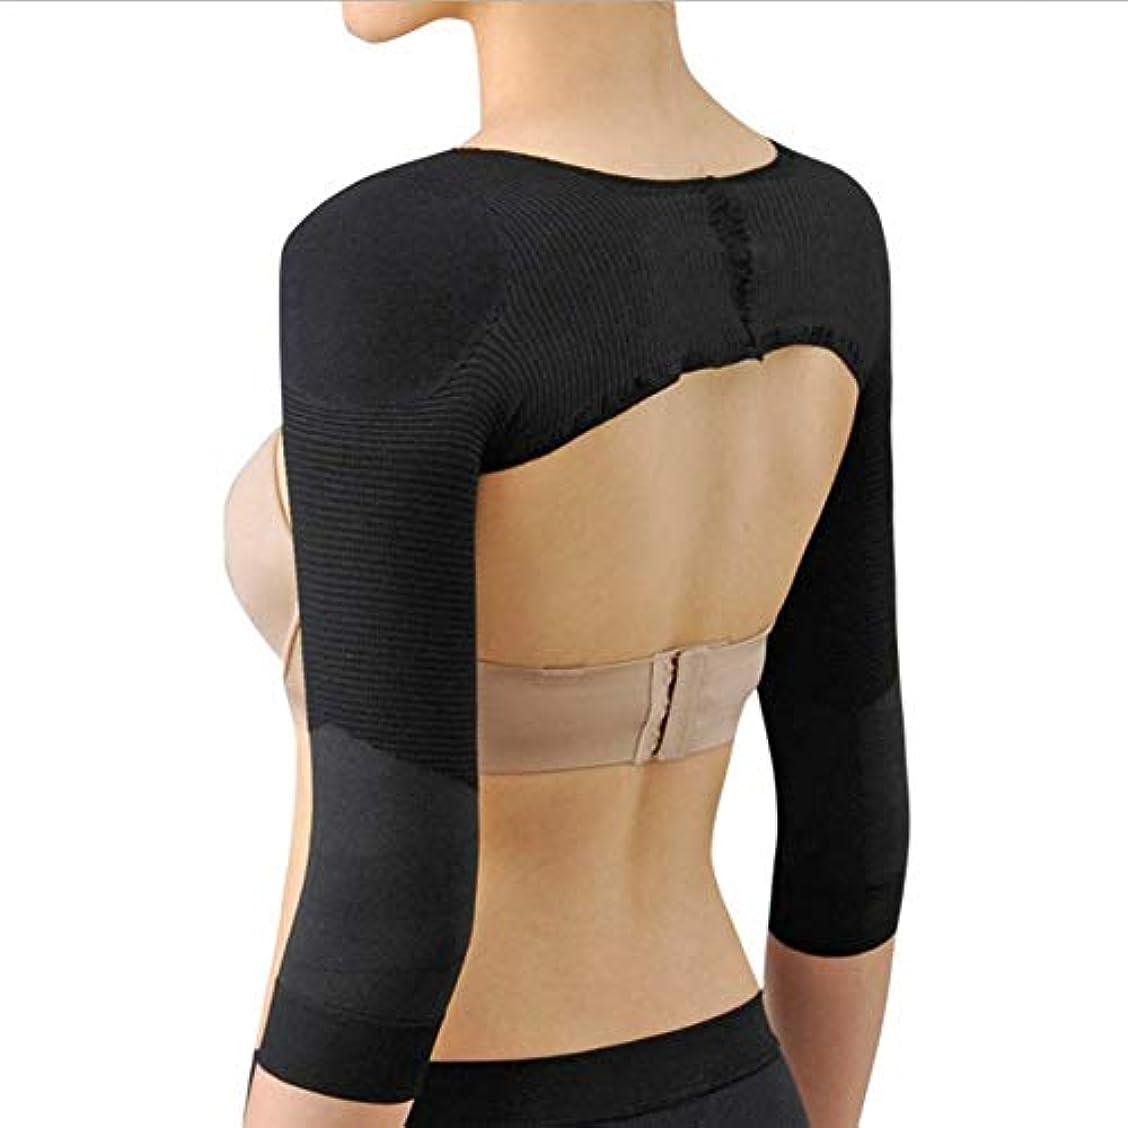 シュリンク脱臼するフライカイト二の腕 シェイプケア 姿勢 矯正 補正下着 補正インナー 二の腕痩せ 二の腕シェイパー (黒, XL)